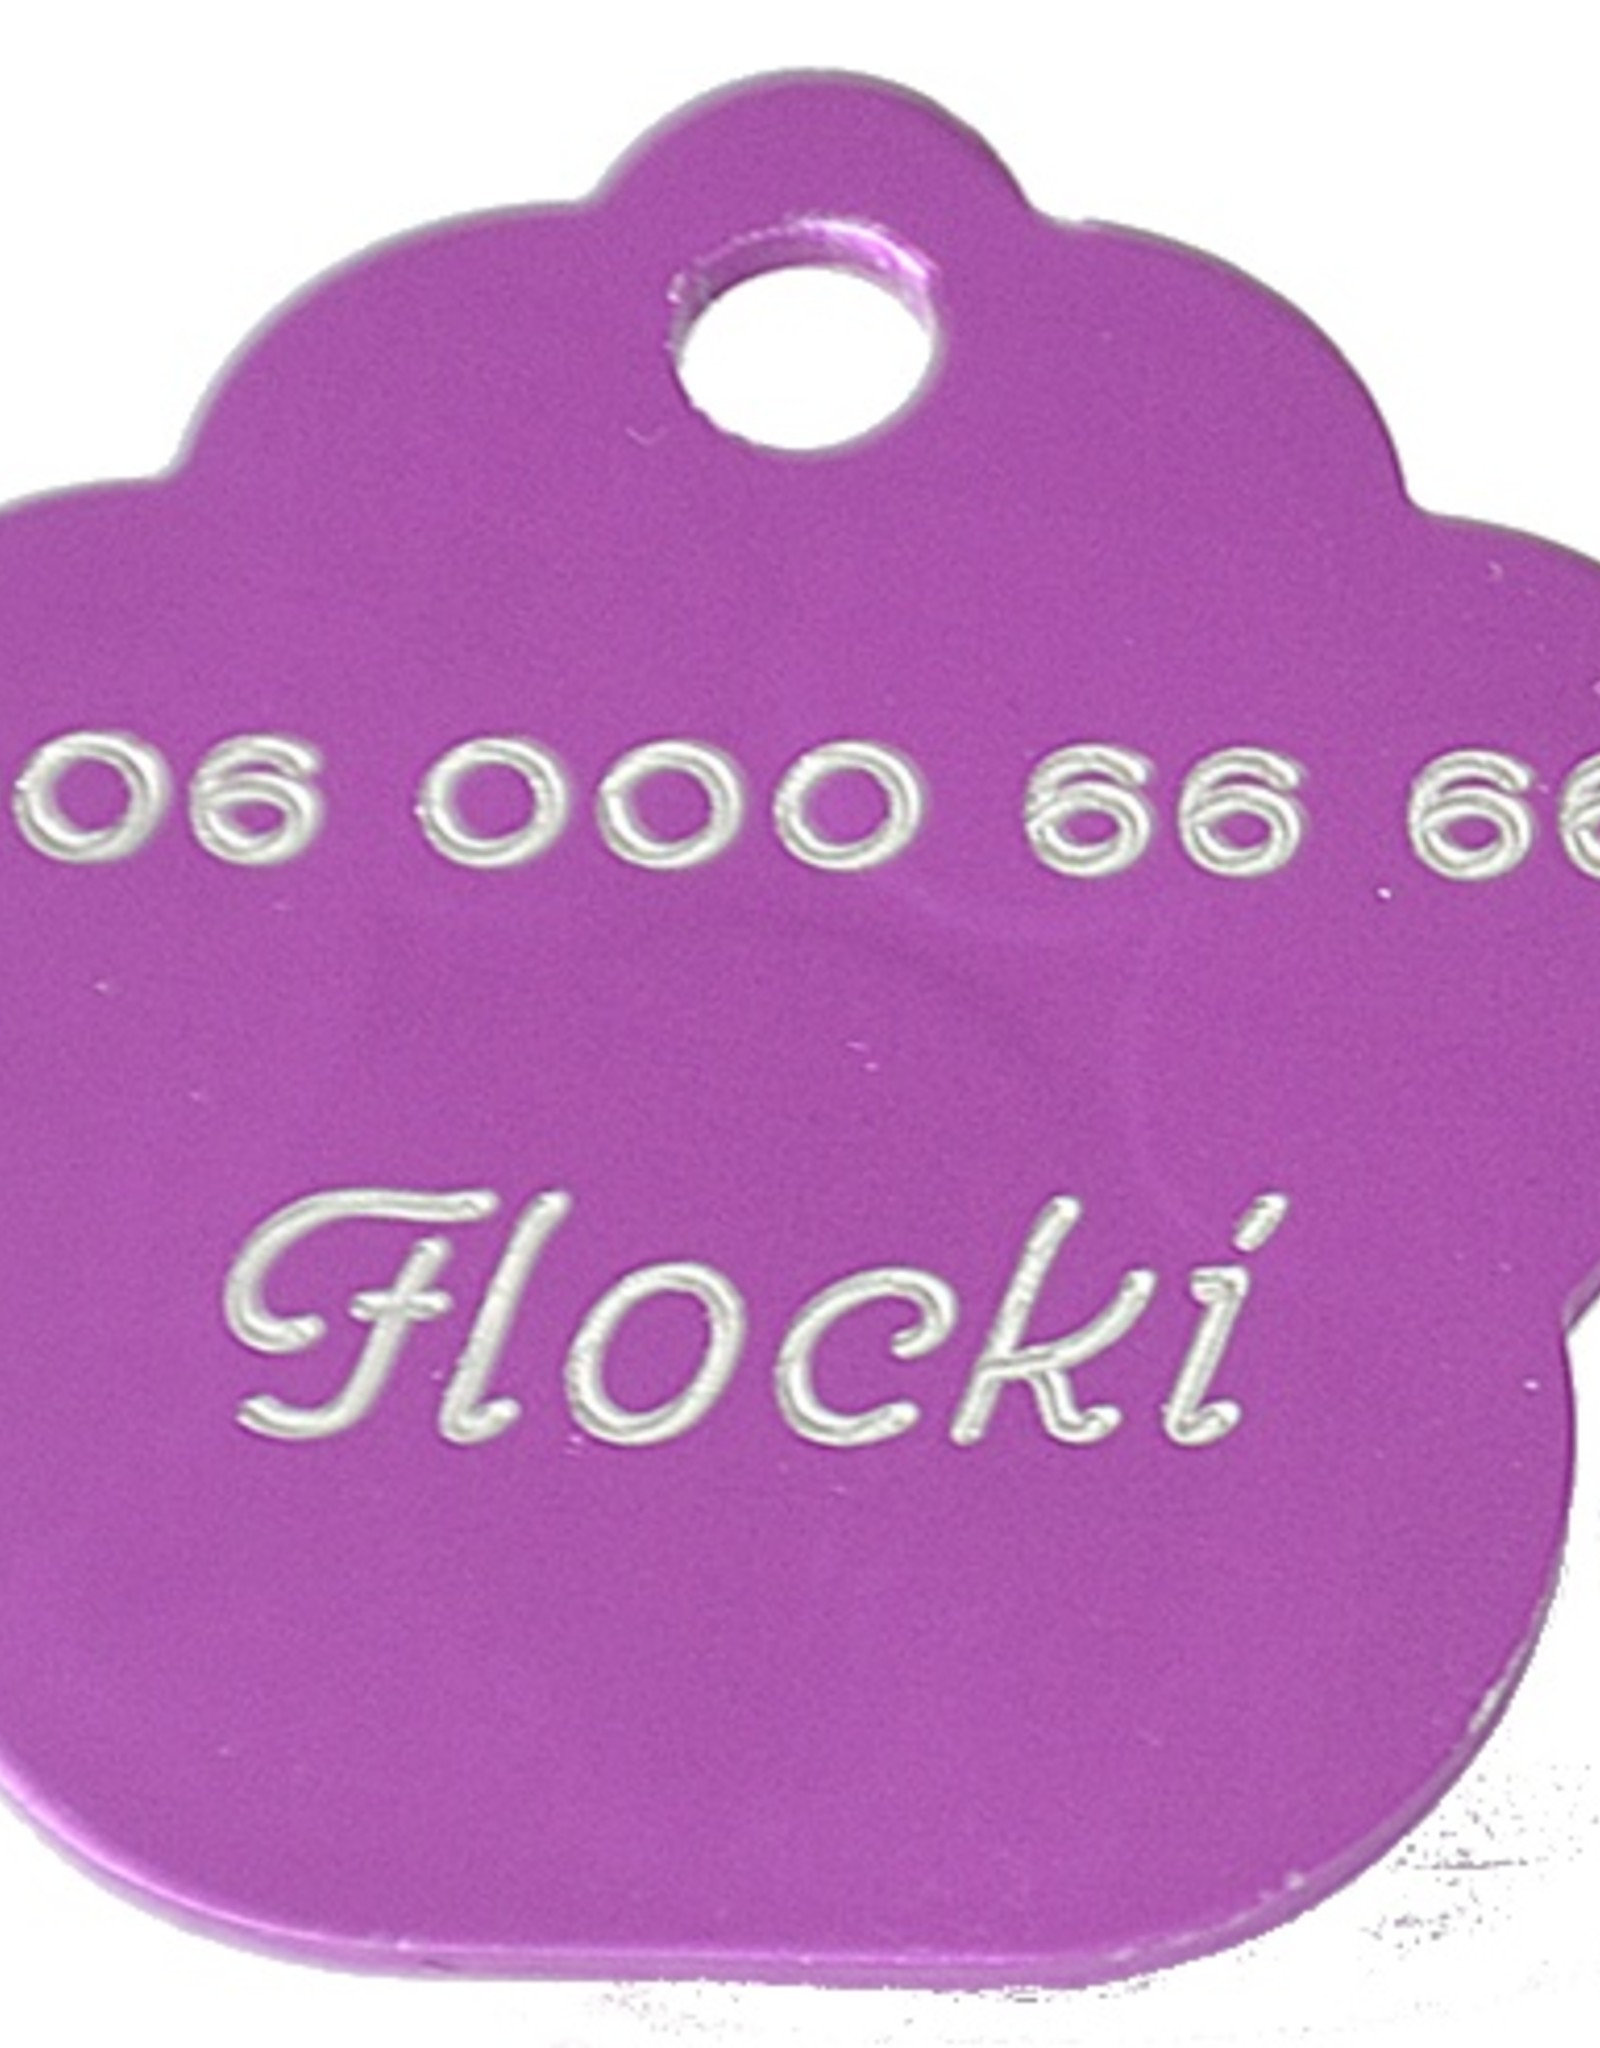 Tiermarken mit Namen & Telefonnummer